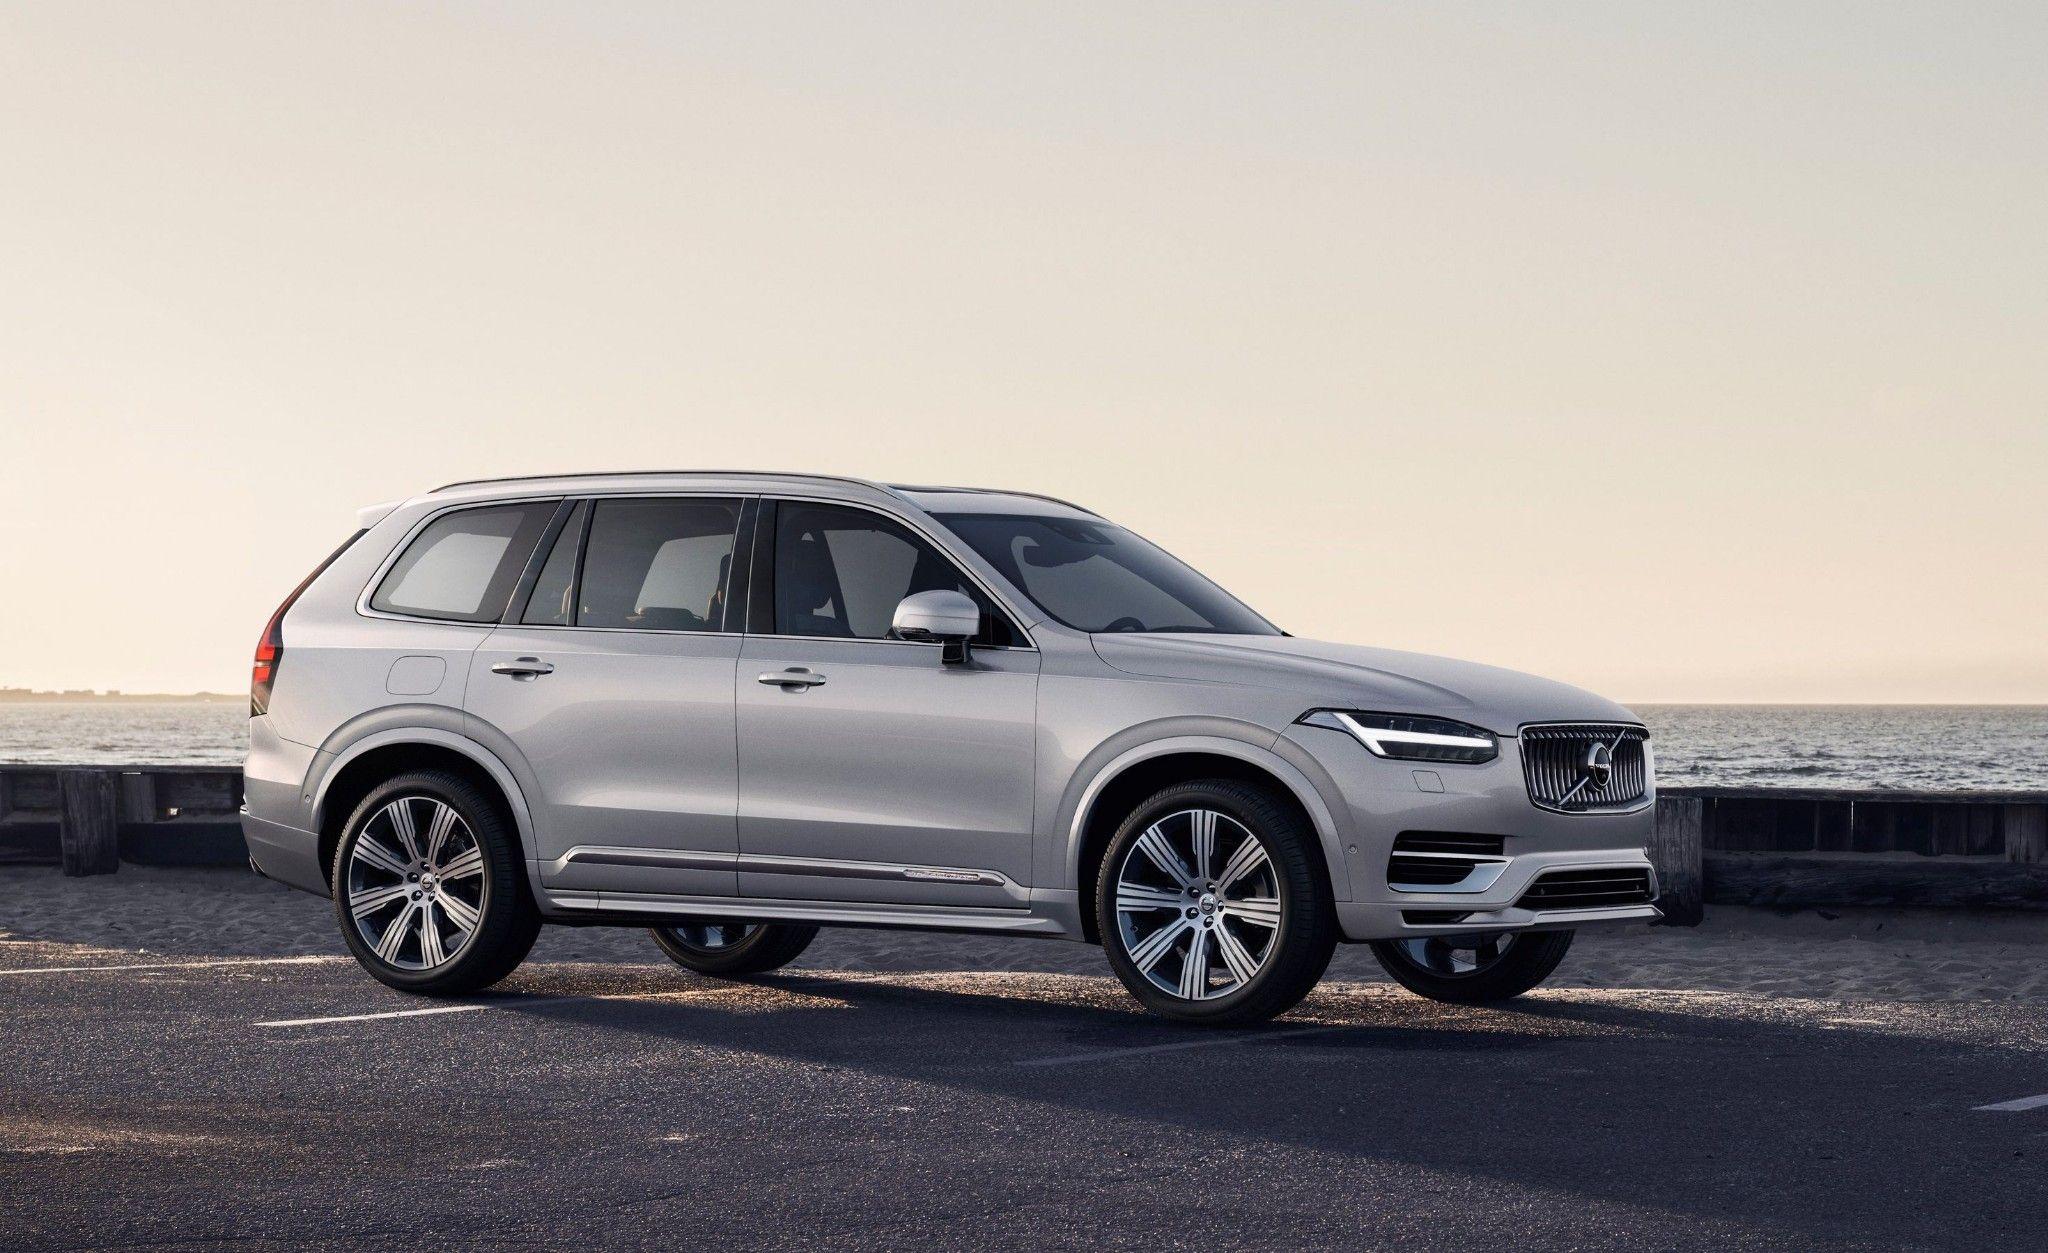 볼보 SUV 기함 XC90 페이스리프트 공개(2020 VOLVO XC90) 오프로드, 자동차, 모델